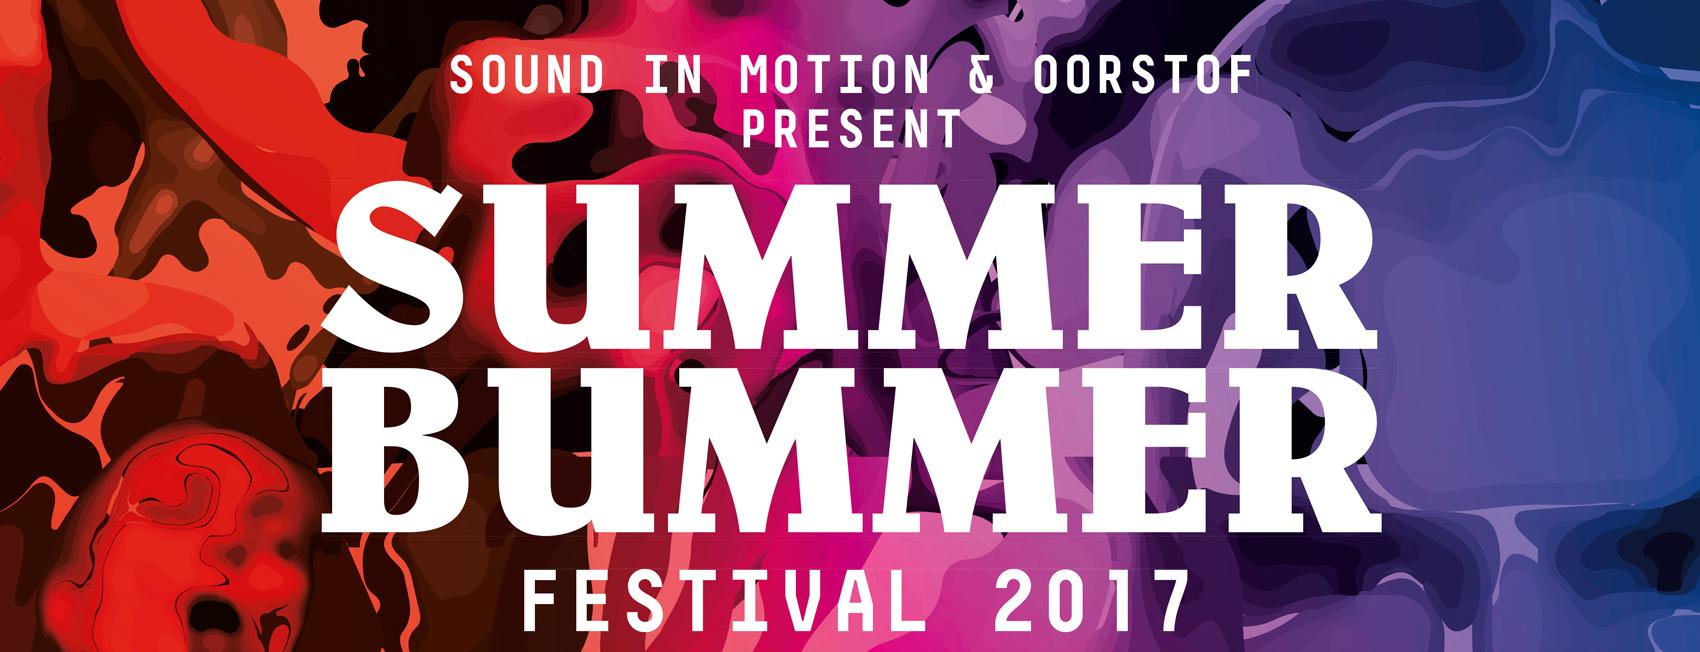 SUMMER BUMMER FESTIVAL 26 & 27 AUG ZUIDERPERSHUIS